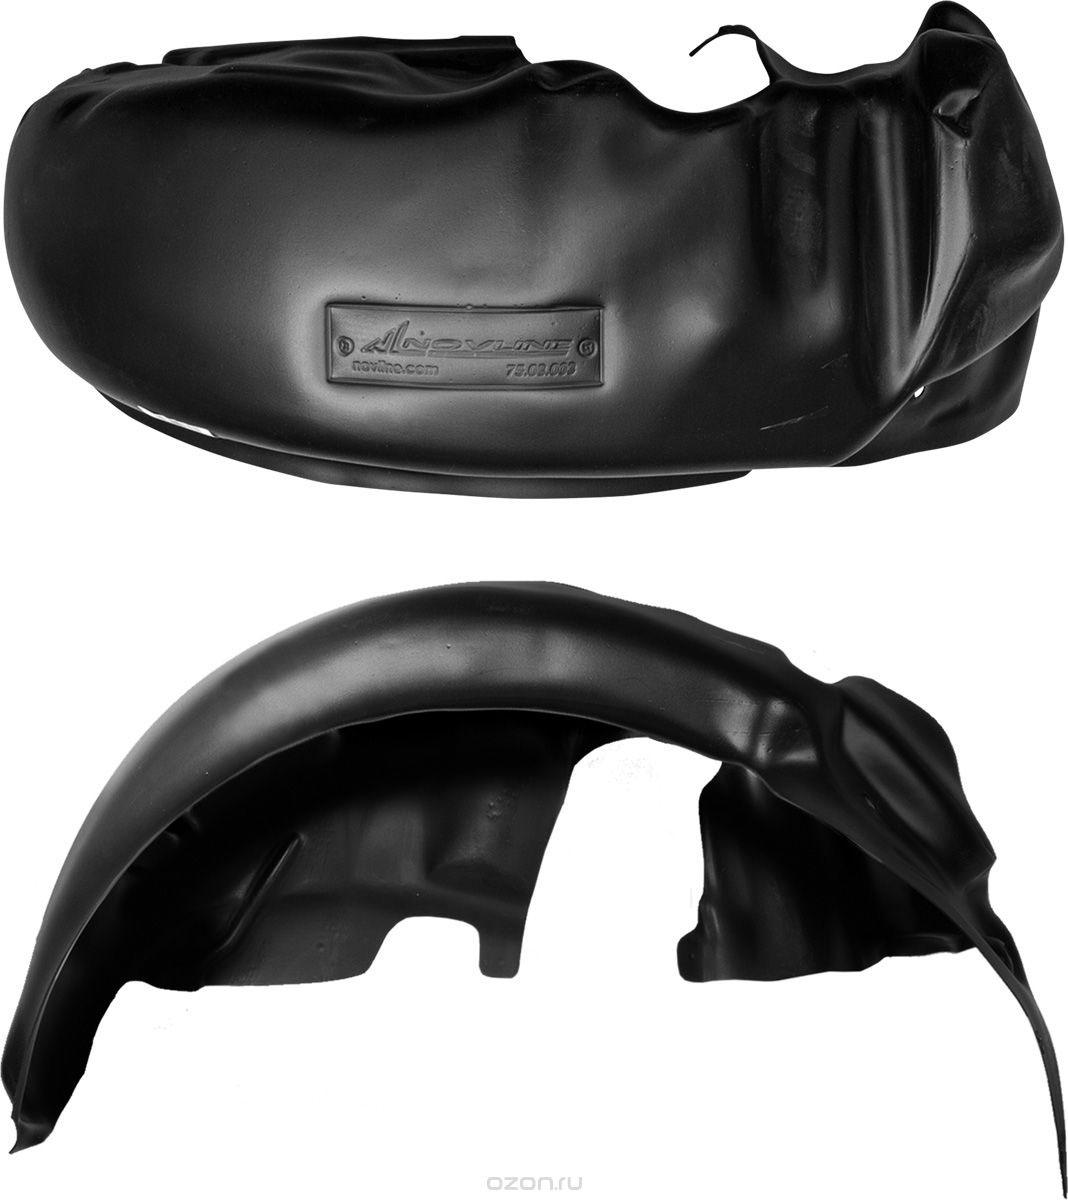 Подкрылок Novline-Autofamily, для Peugeot Boxer, 2006-2014, без расширителей арок, передний левыйNLL.38.18.001Идеальная защита колесной ниши. Локеры разработаны с применением цифровых технологий, гарантируют максимальную повторяемость поверхности арки. Изделия устанавливаются без нарушения лакокрасочного покрытия автомобиля, каждый подкрылок комплектуется крепежом. Уважаемые клиенты, обращаем ваше внимание, что фотографии на подкрылки универсальные и не отражают реальную форму изделия. При этом само изделие идет точно под размер указанного автомобиля.